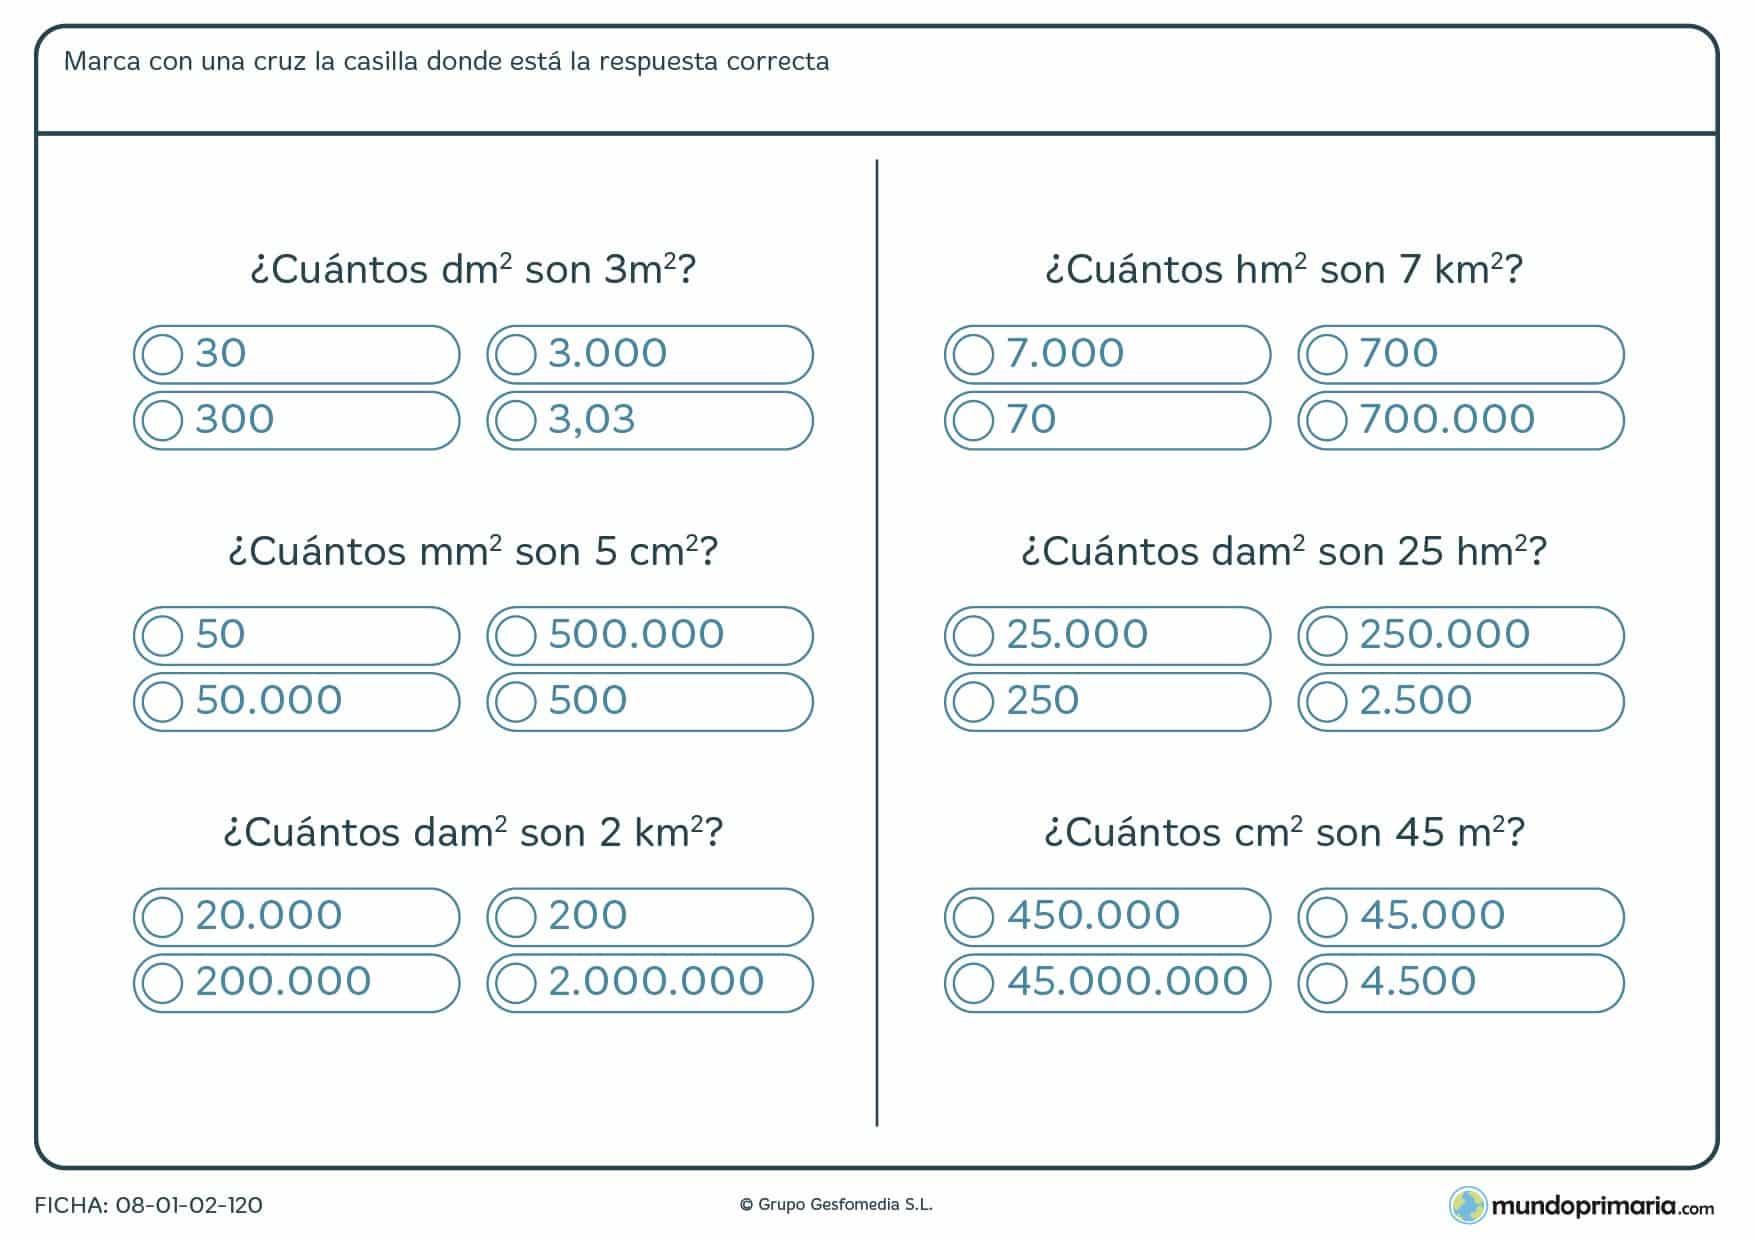 Ficha de equivalencia de medidas con 6 ejercicios prácticos para resolver.